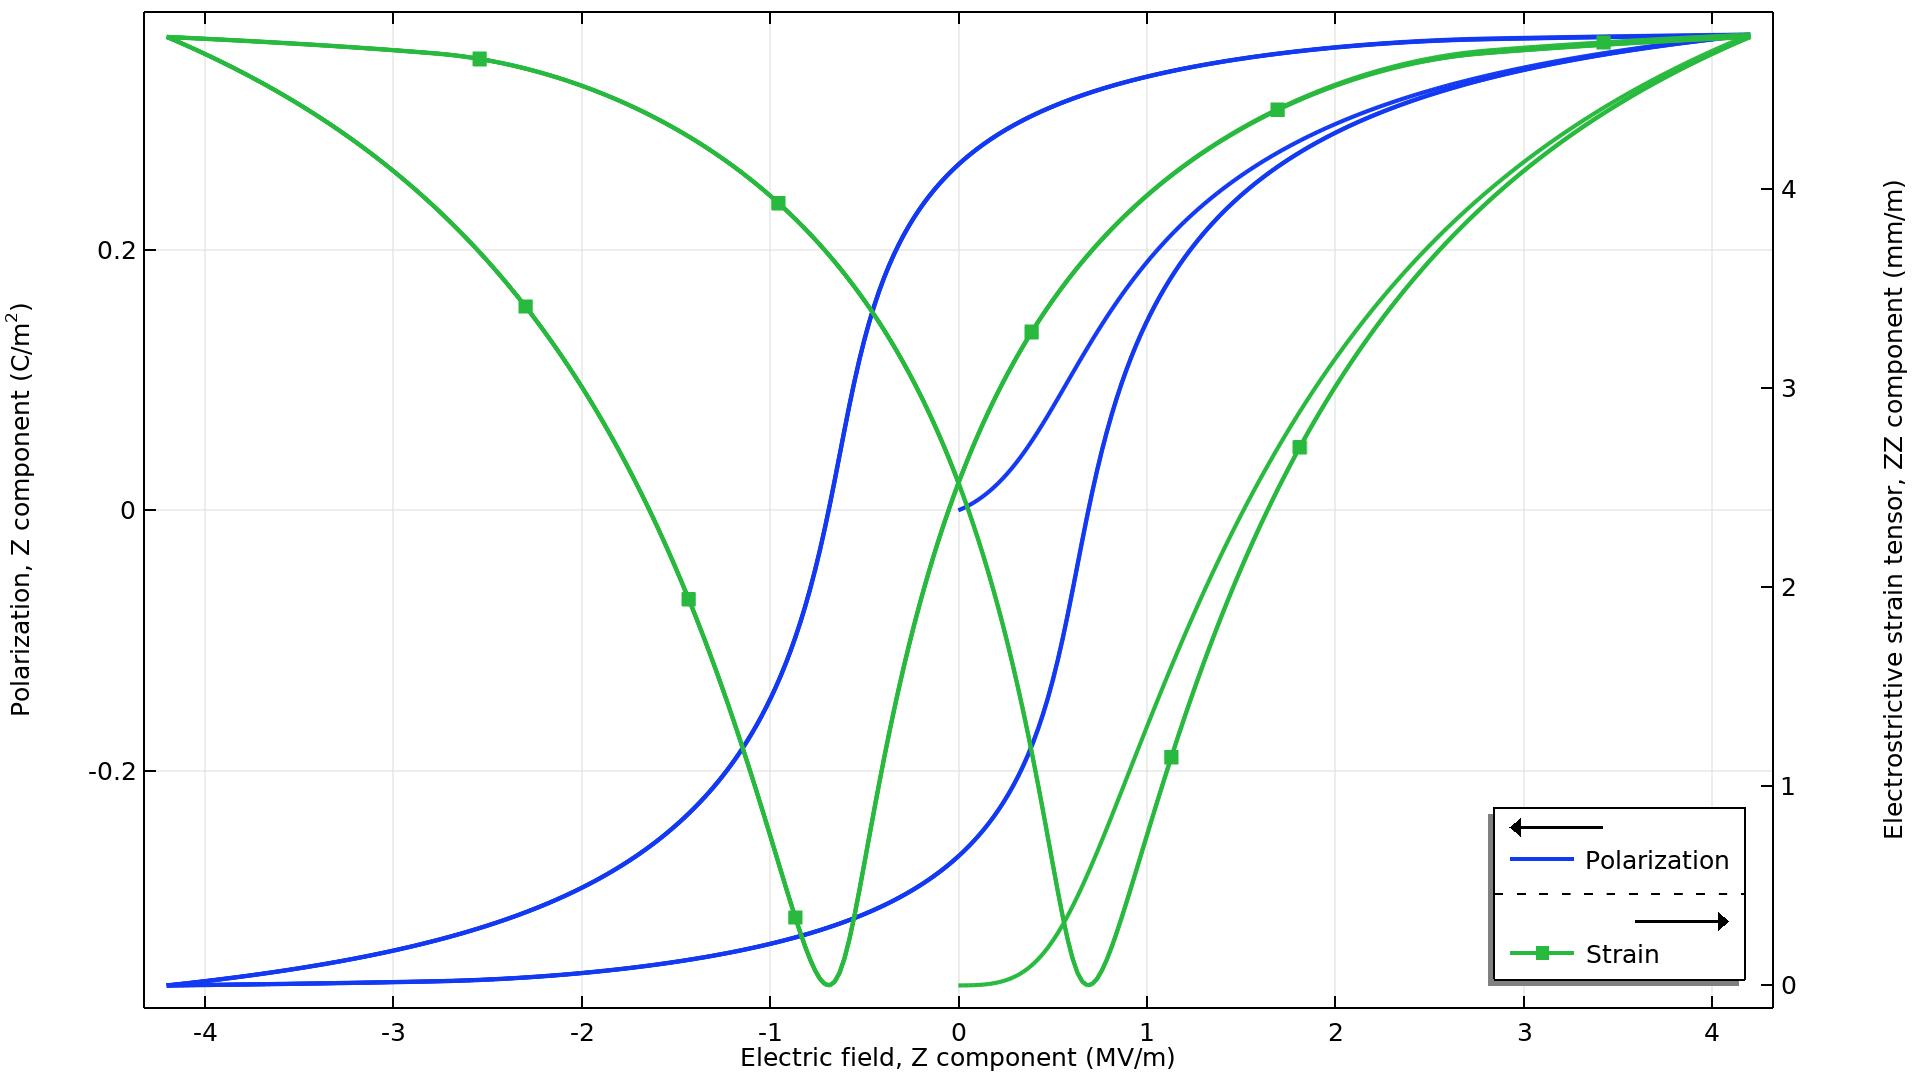 분극(파란색)과 전왜 변형률(녹색) 결과로서, 적용한 전기장의 함수 형태로 표시 되었으며, 적용한 재료는 강유전체 압전 재료를 사용하였습니다.